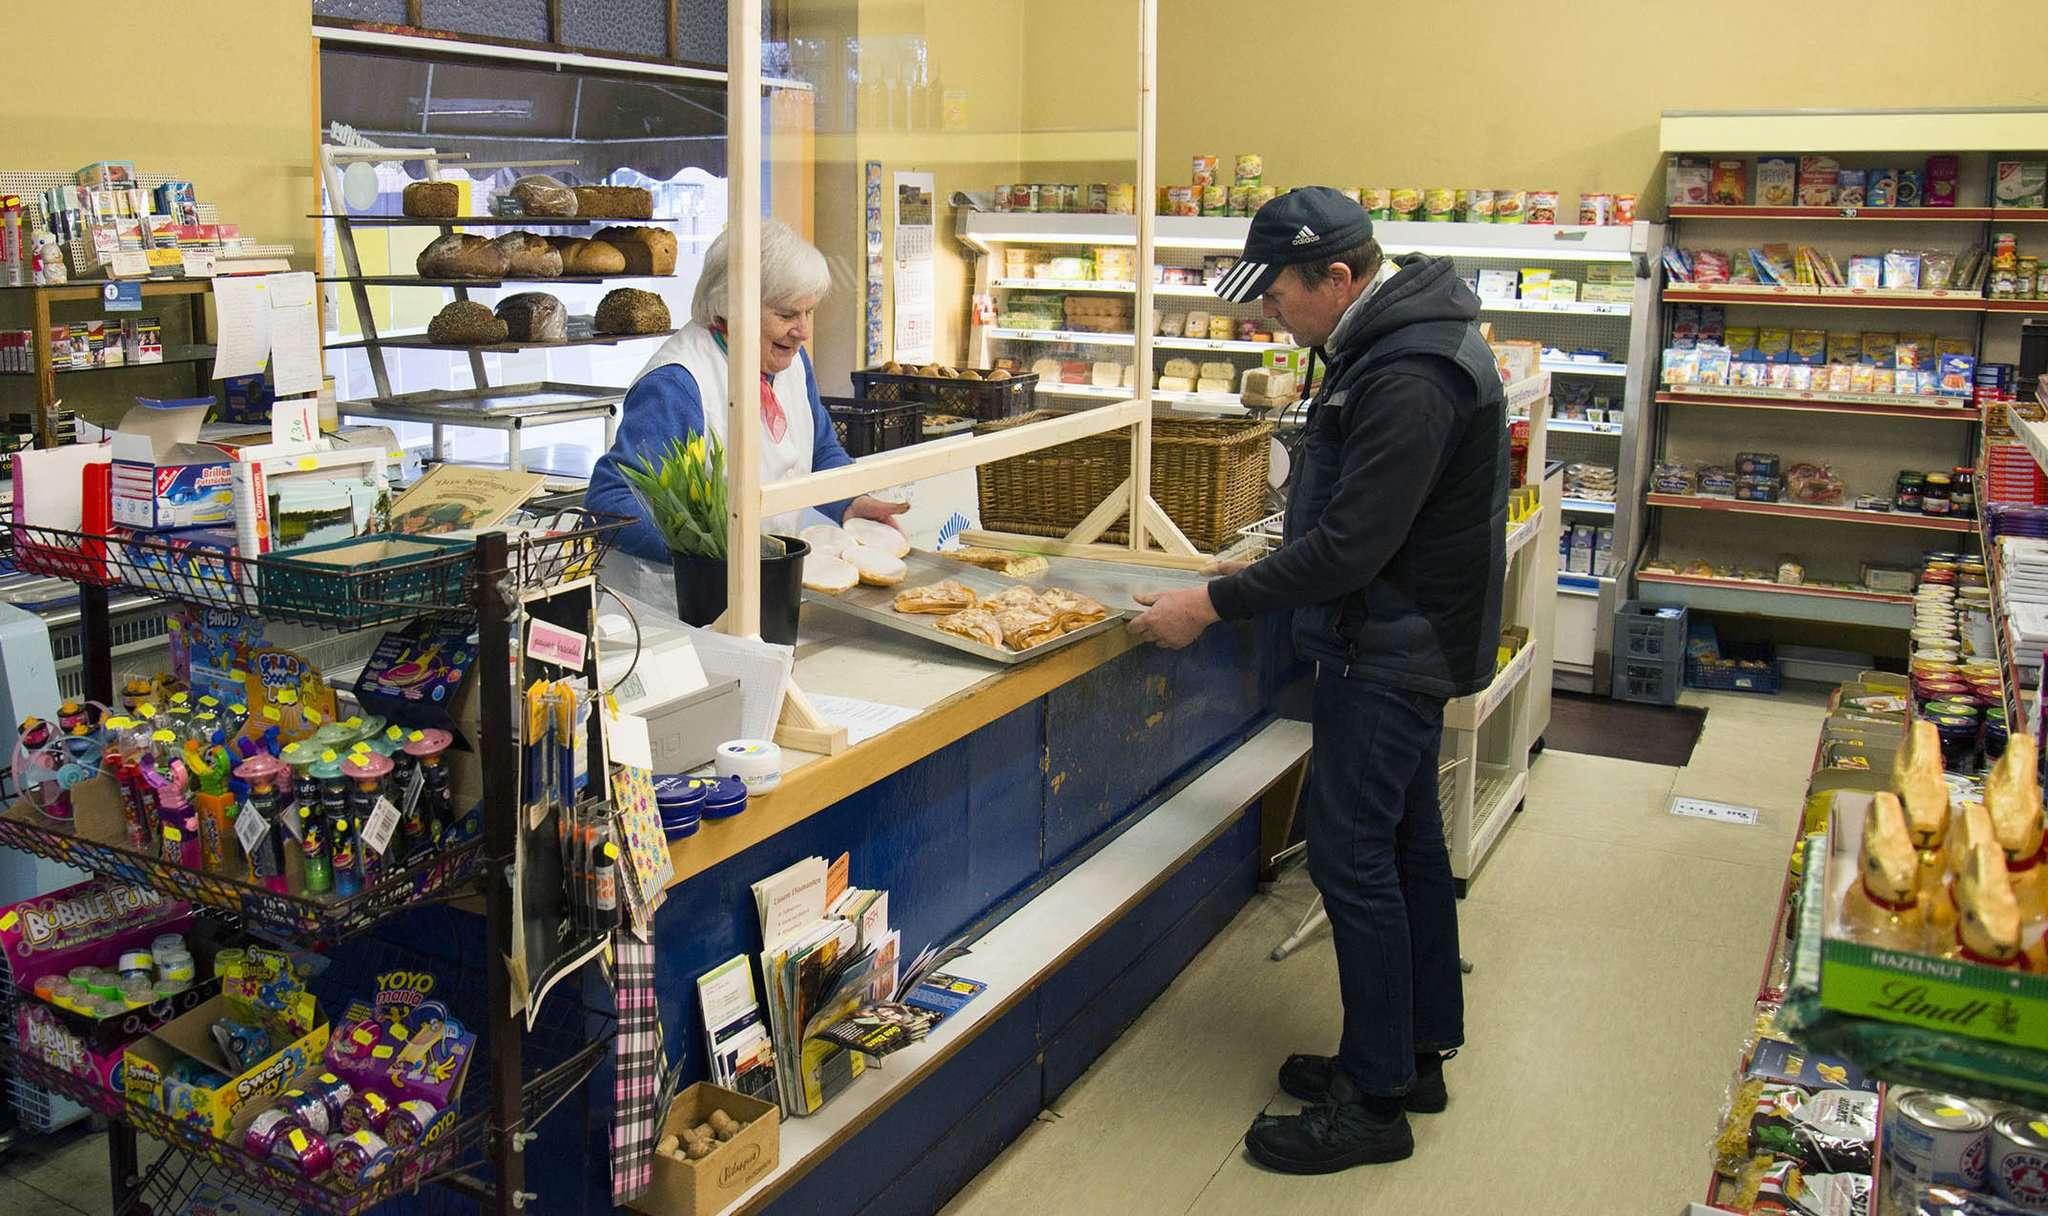 Auch im Kaufhaus Bergstedt in Otterstedt trennt neuerdings eine Plexiglasscheibe Angestellte und Kunden voneinander. Foto: Dietmar Plath